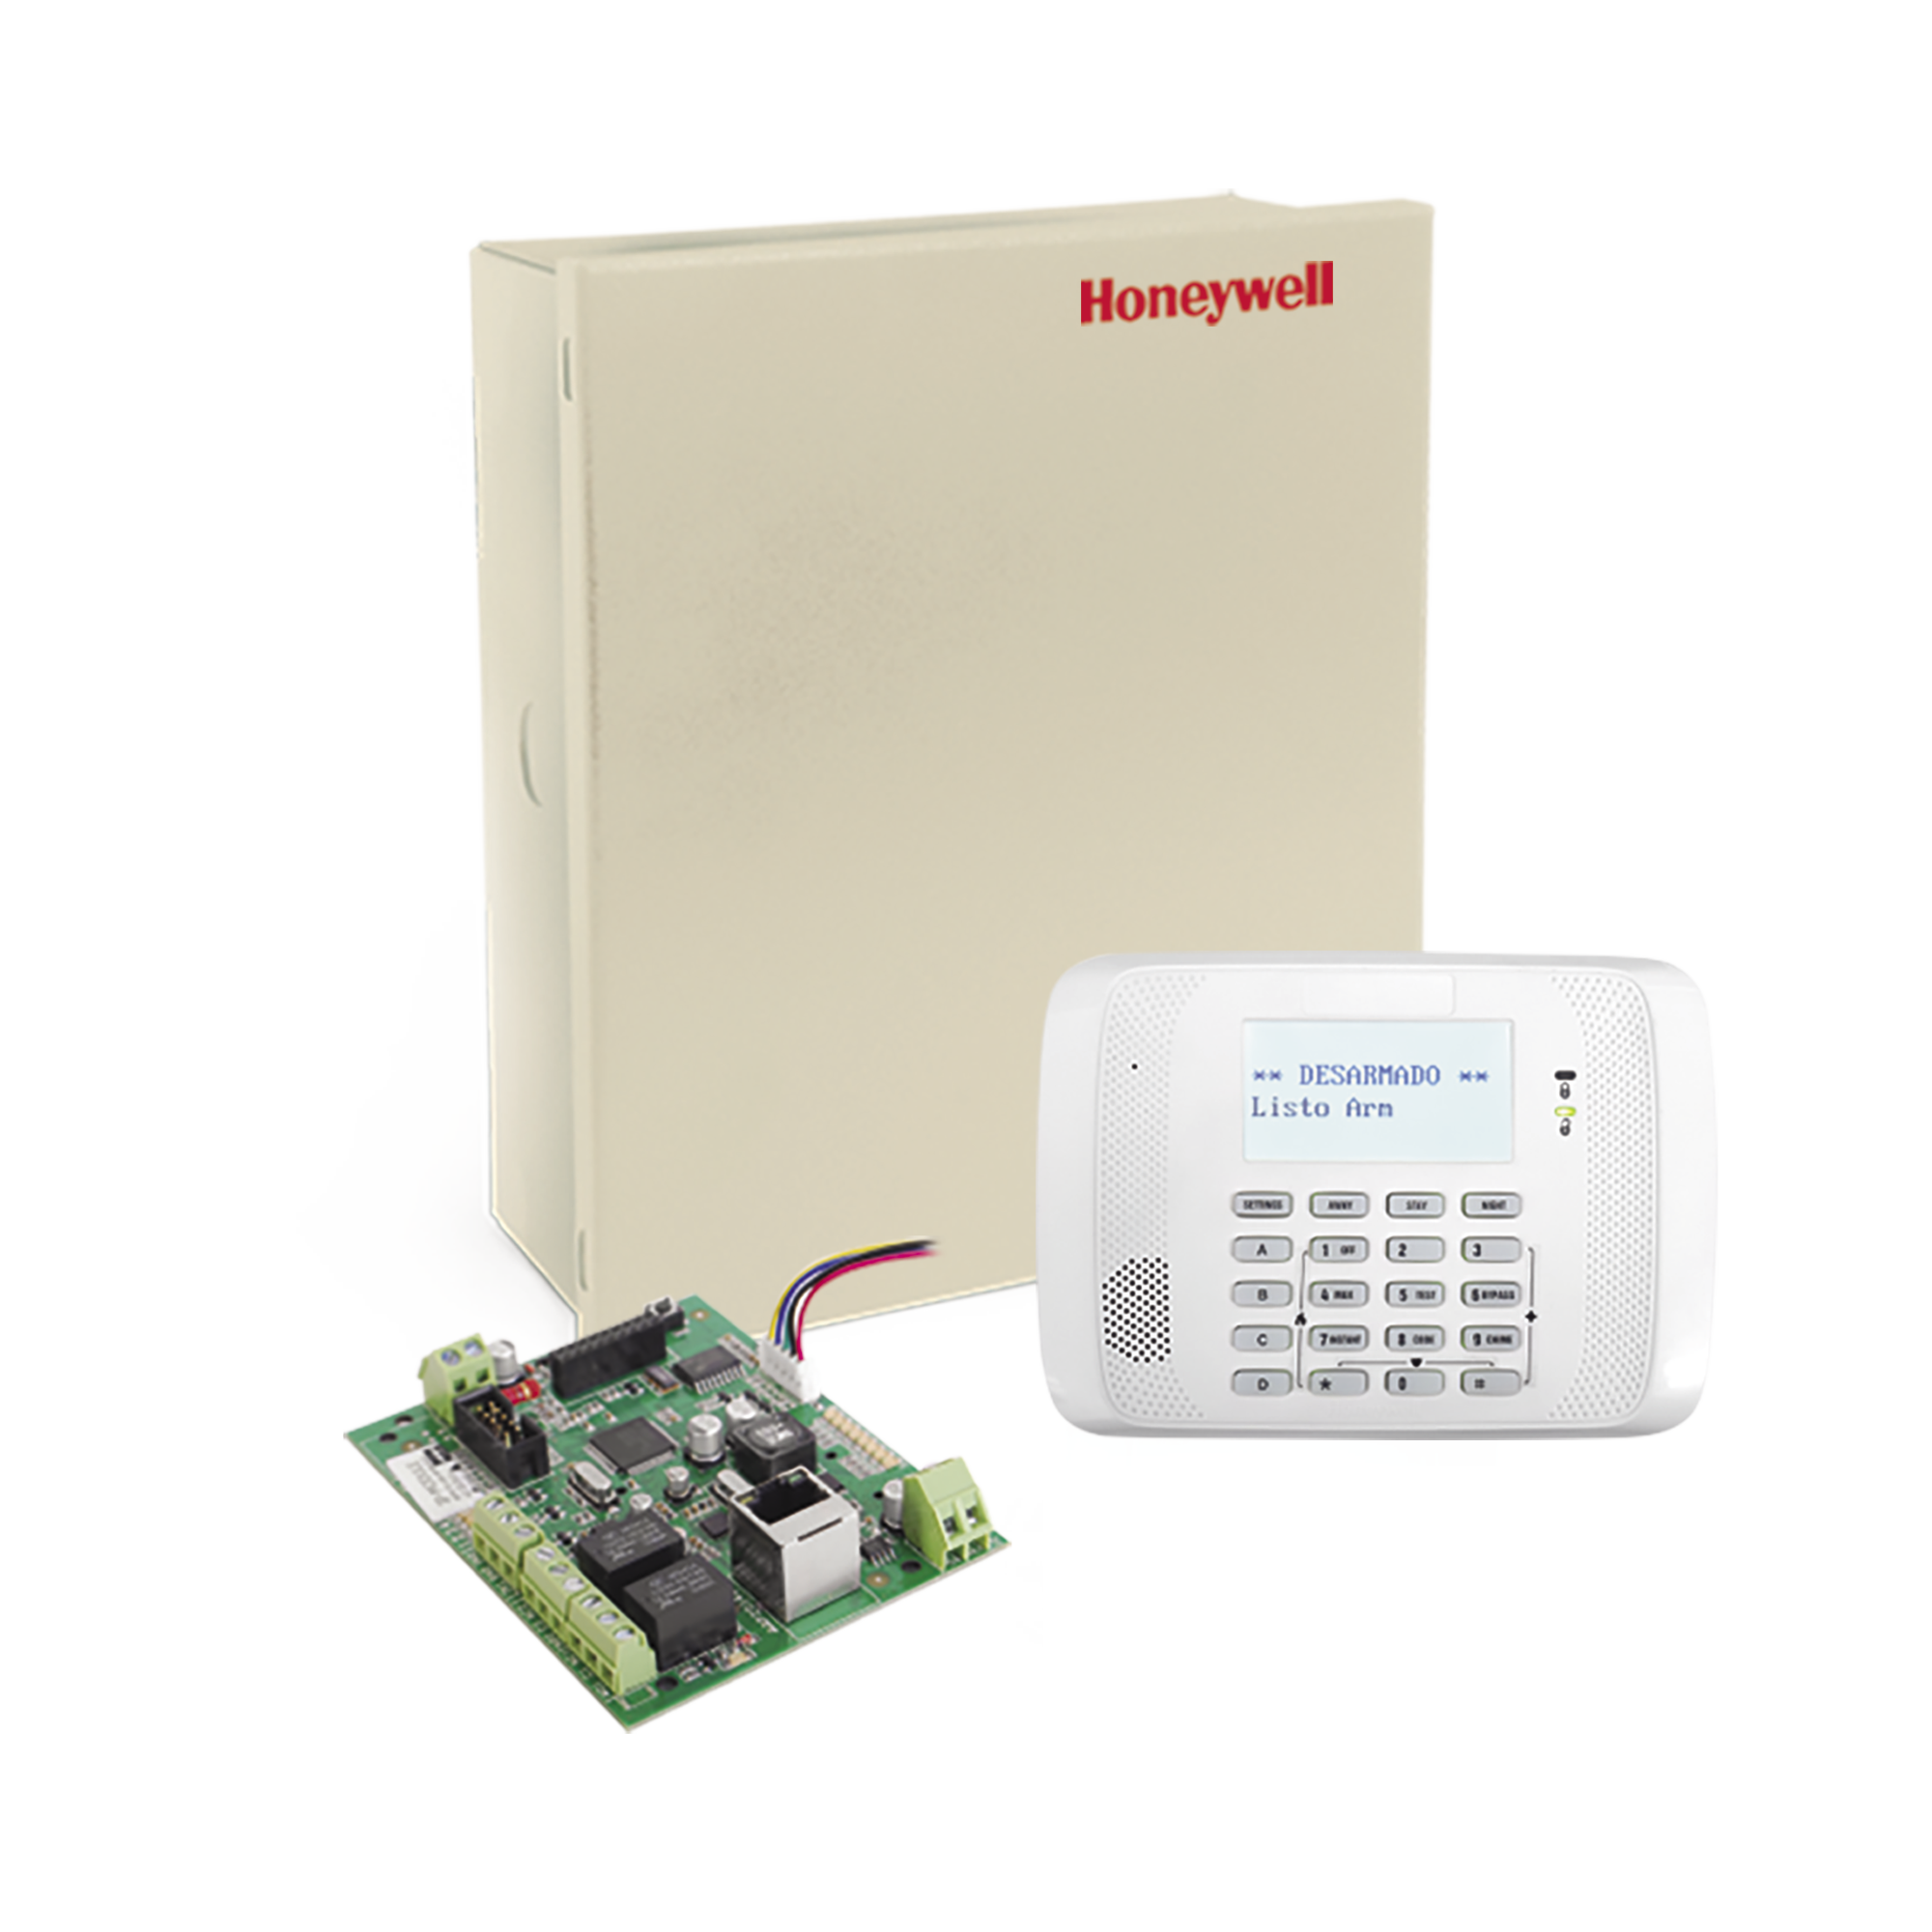 Panel de Alarma para 48 Zonas con Teclado Alfanumérico y Comunicador Universal IP de Crow